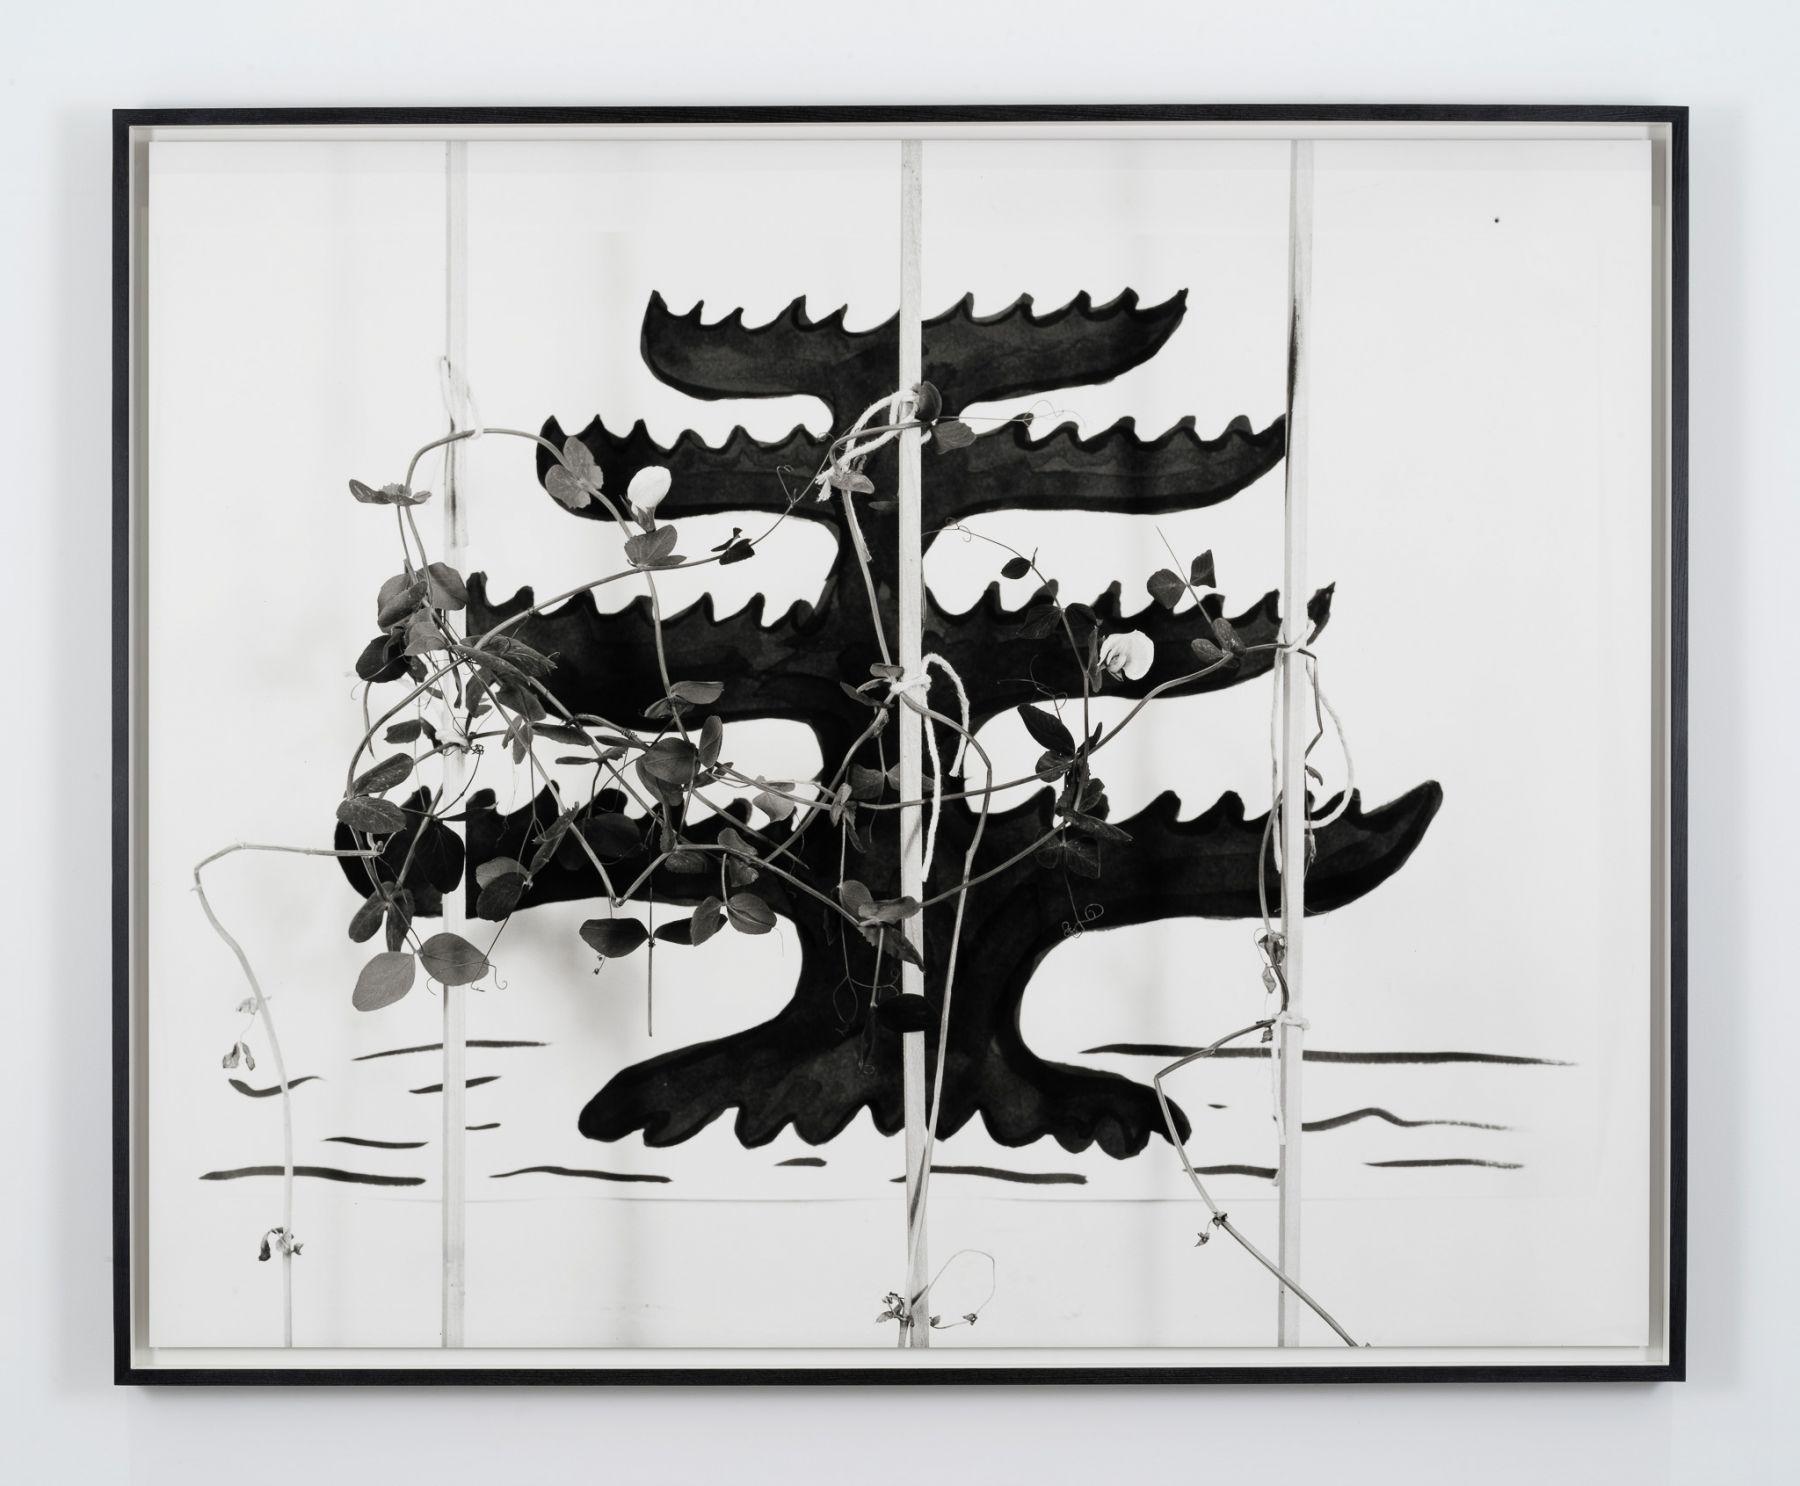 Marina Pinsky, Pine Tree Flag 2, 2017